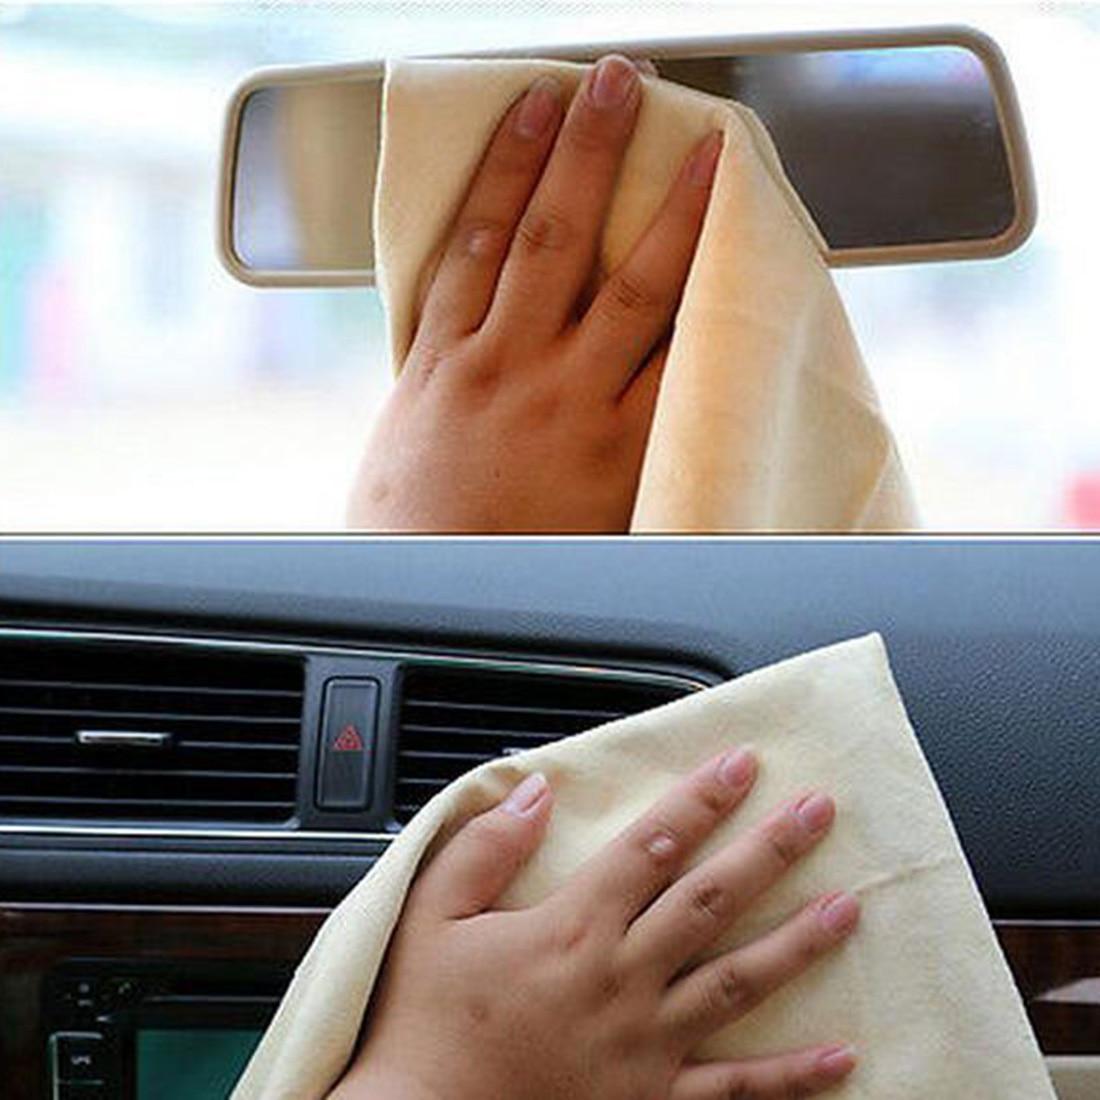 BU-Bauty Auto Cura Naturale di Pelle di Daino Lavaggio Auto Panno di Pulizia del Cuoio Genuino della Pelle Scamosciata Assorbente Asciugamano Asciutto Rapido Streak